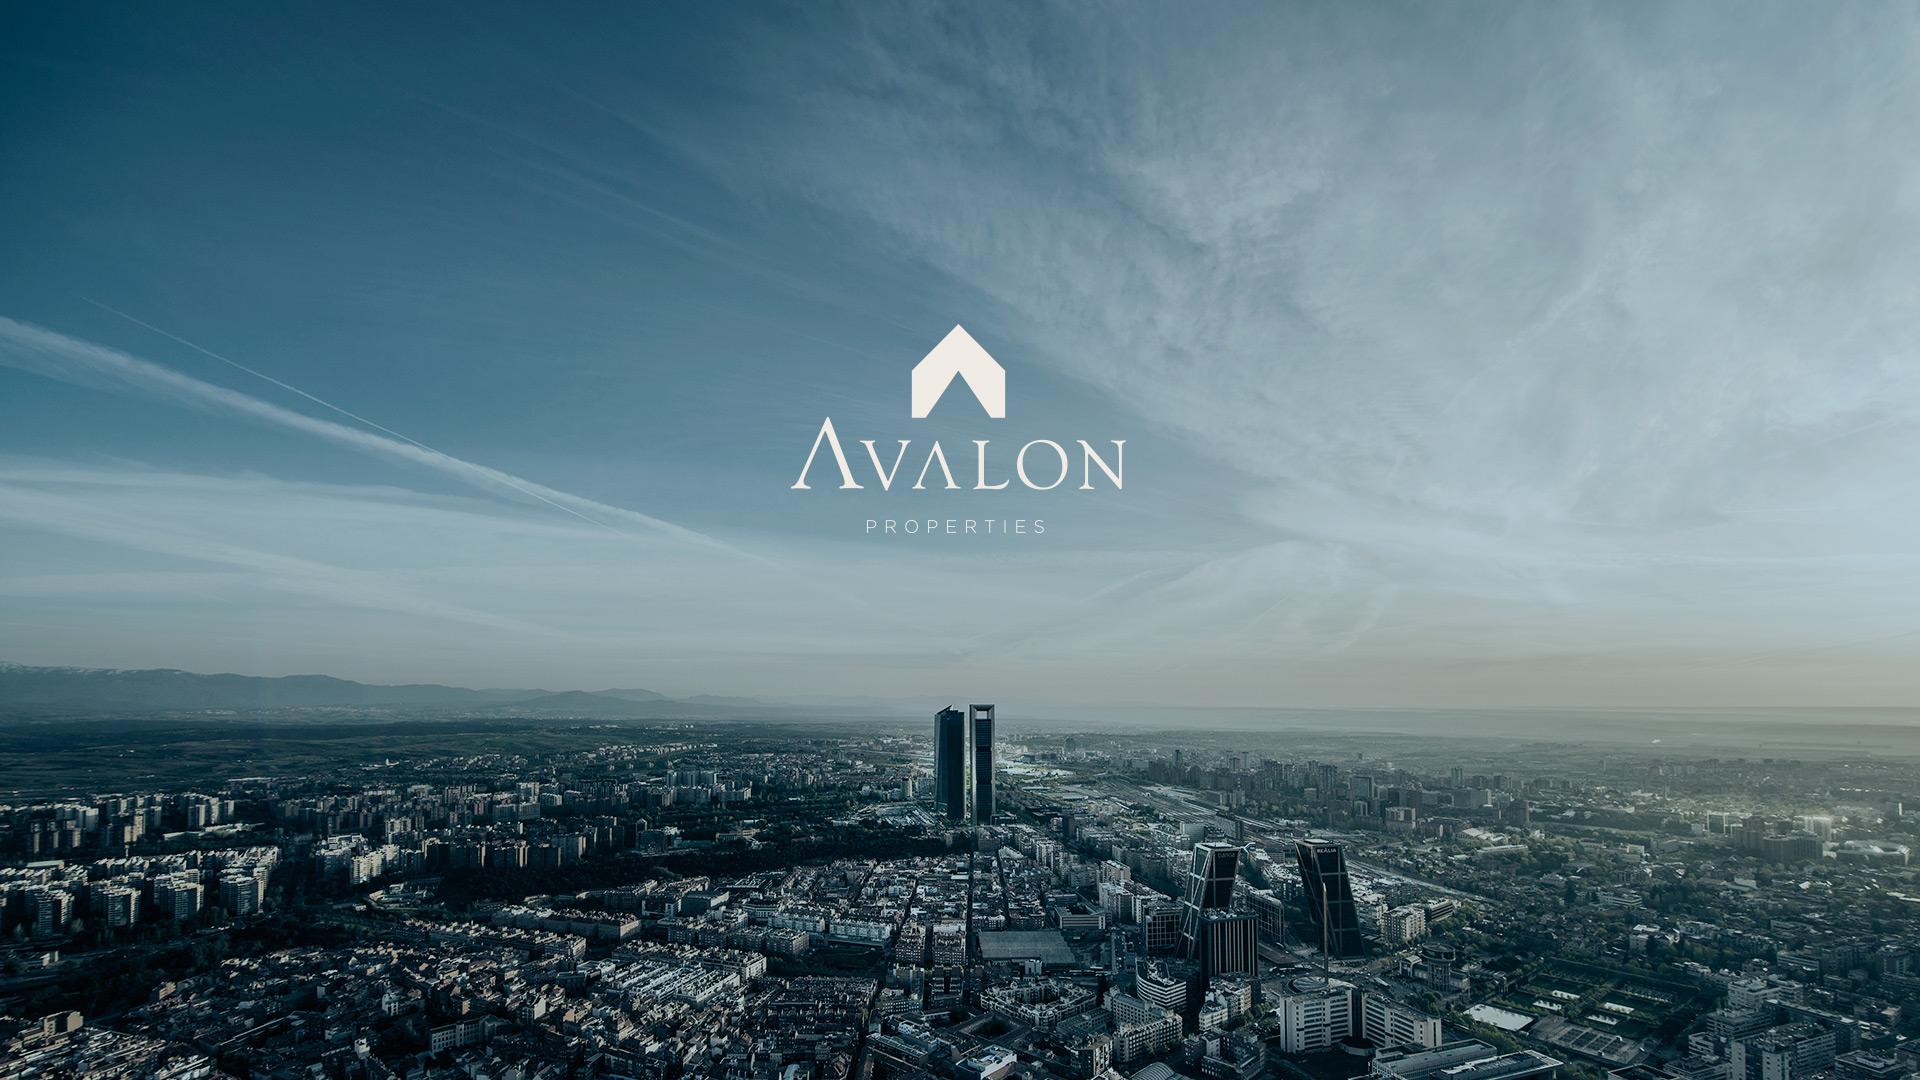 Avalon-H.jpg